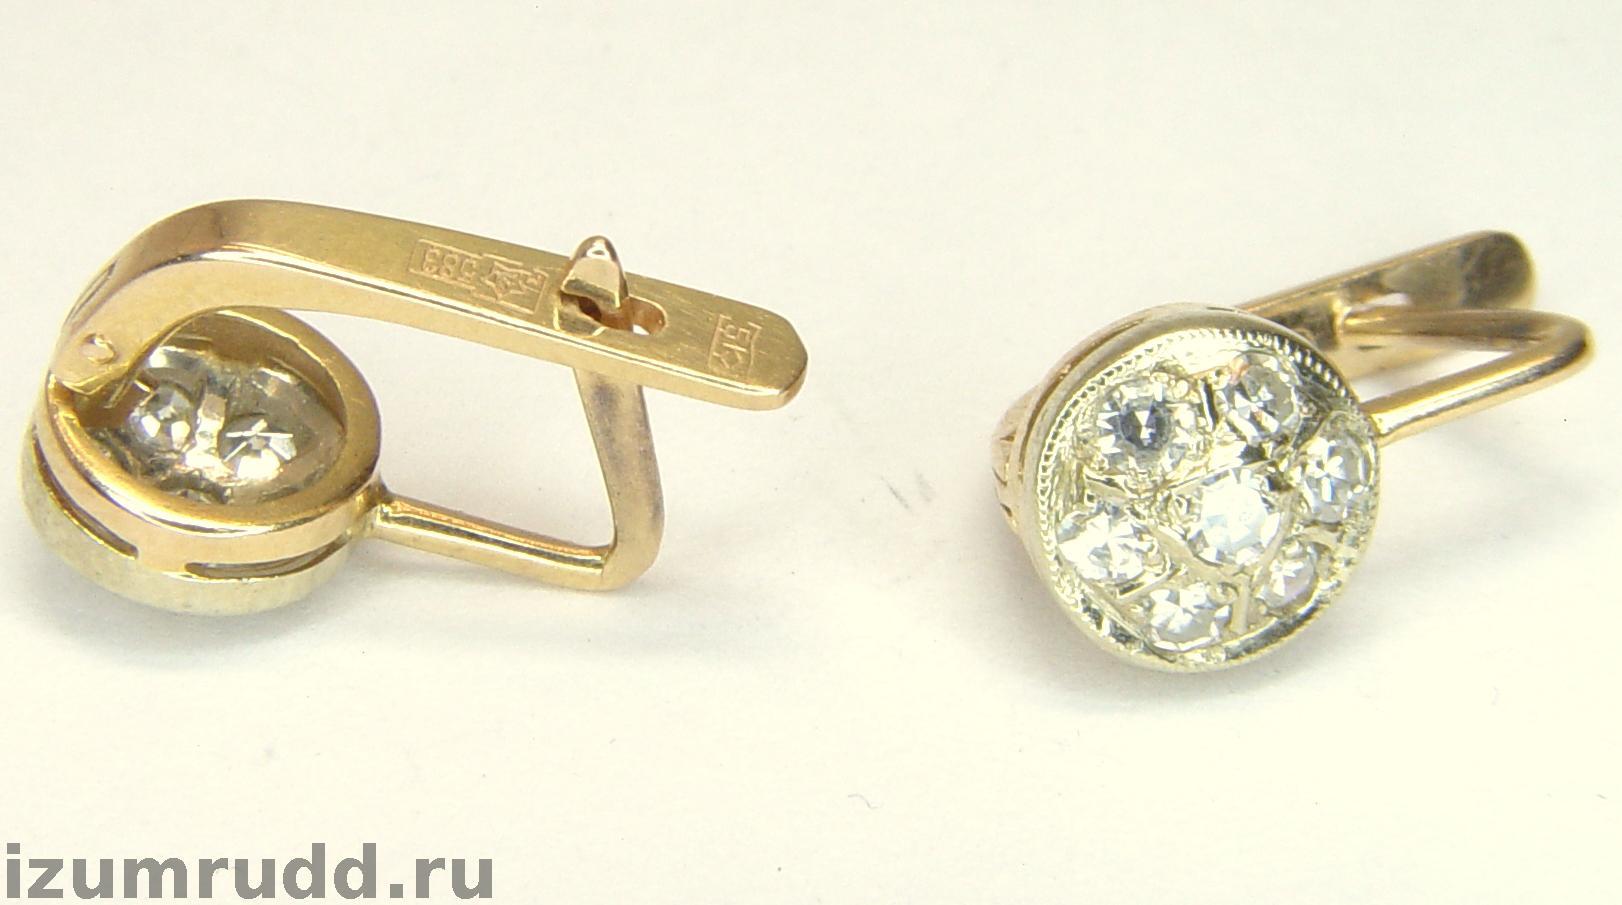 Золотые украшения советского времени фото